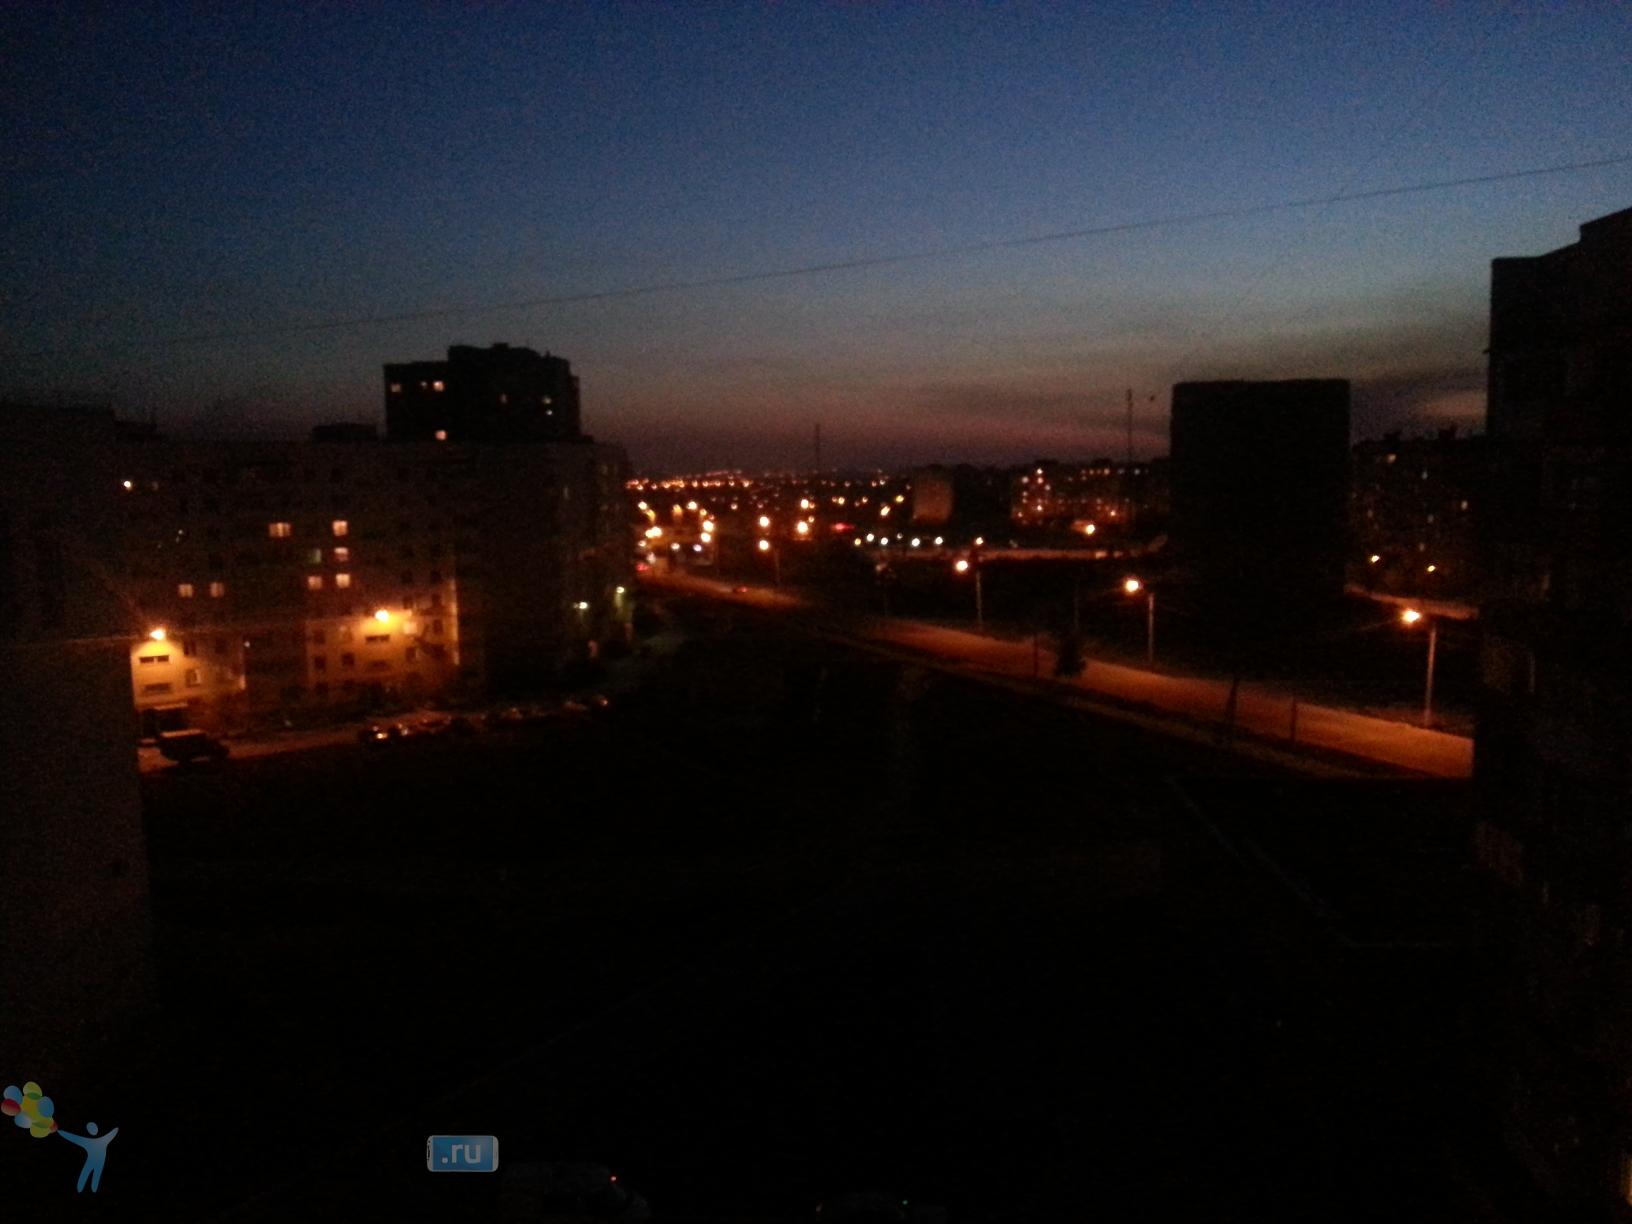 Фото с камеры Samsung Galaxy S3 - при слабом освещении